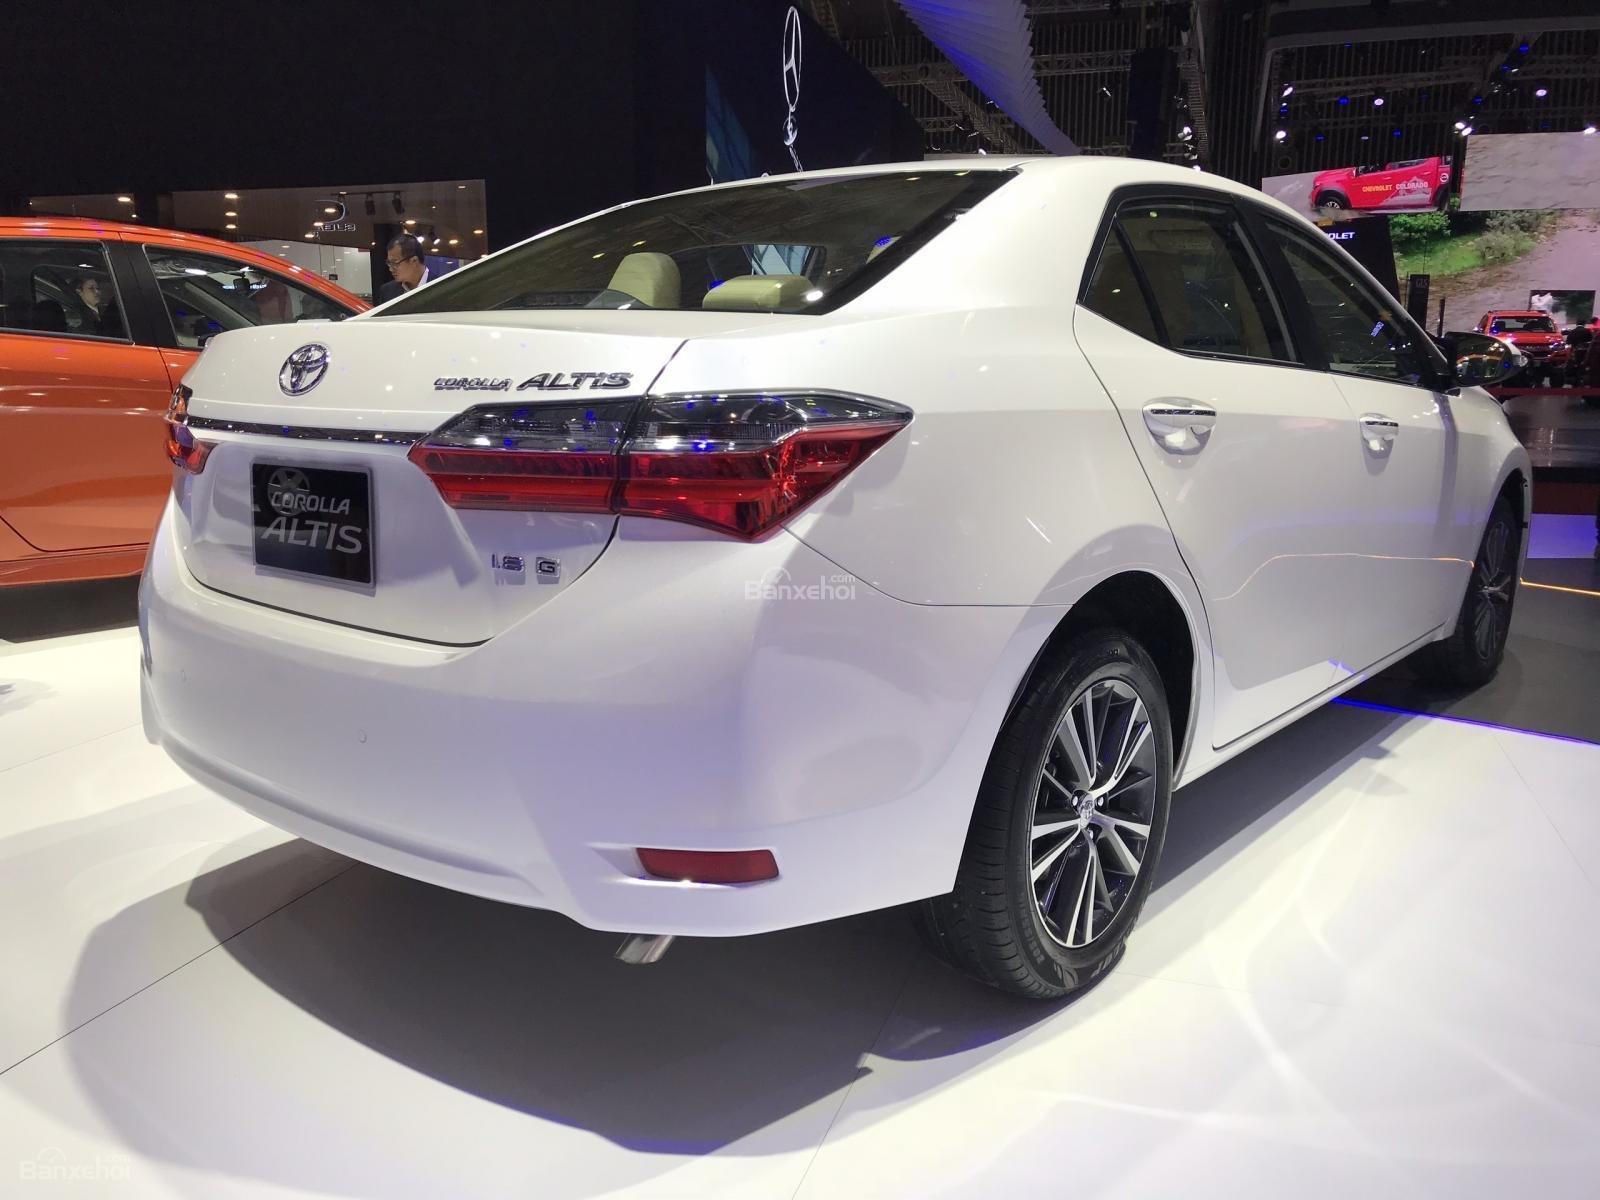 Bán Toyota Corolla Altis 2019 1.8G AT ưu đãi khủng, đủ màu giao ngay, gọi 0902.1717.20 nhận khuyến mãi khủng-2